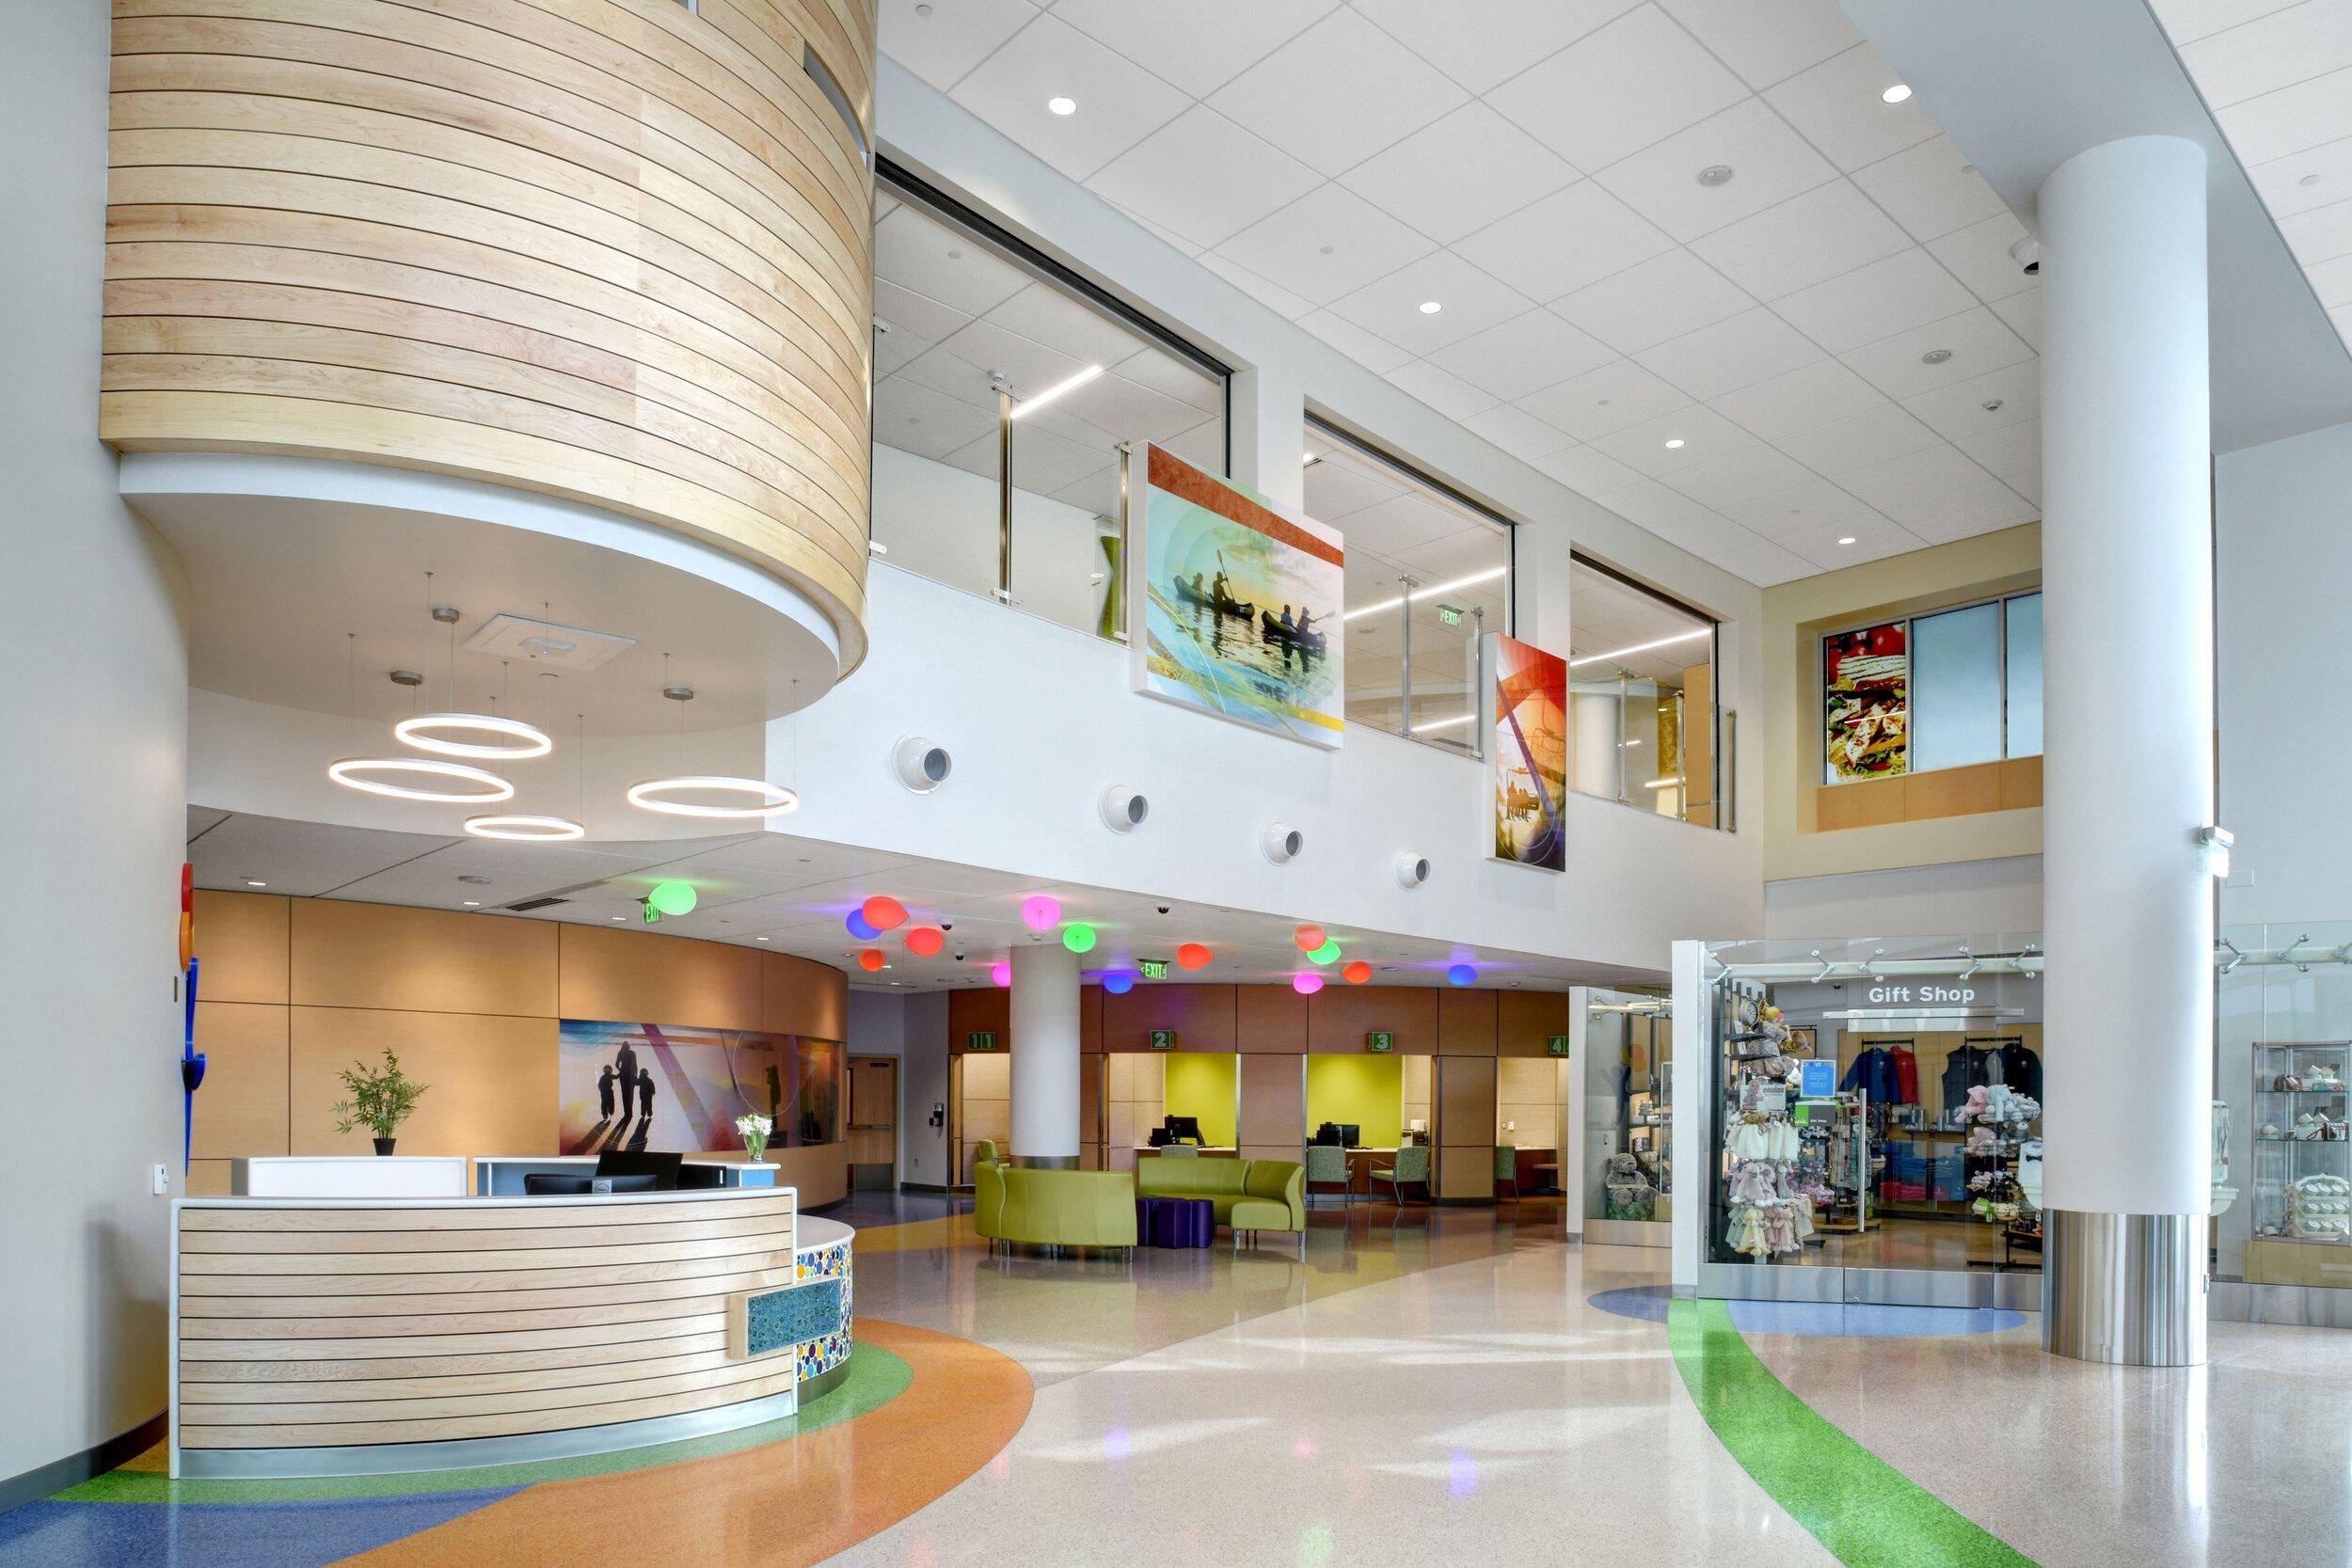 Children's Hospital of Colorado Springs